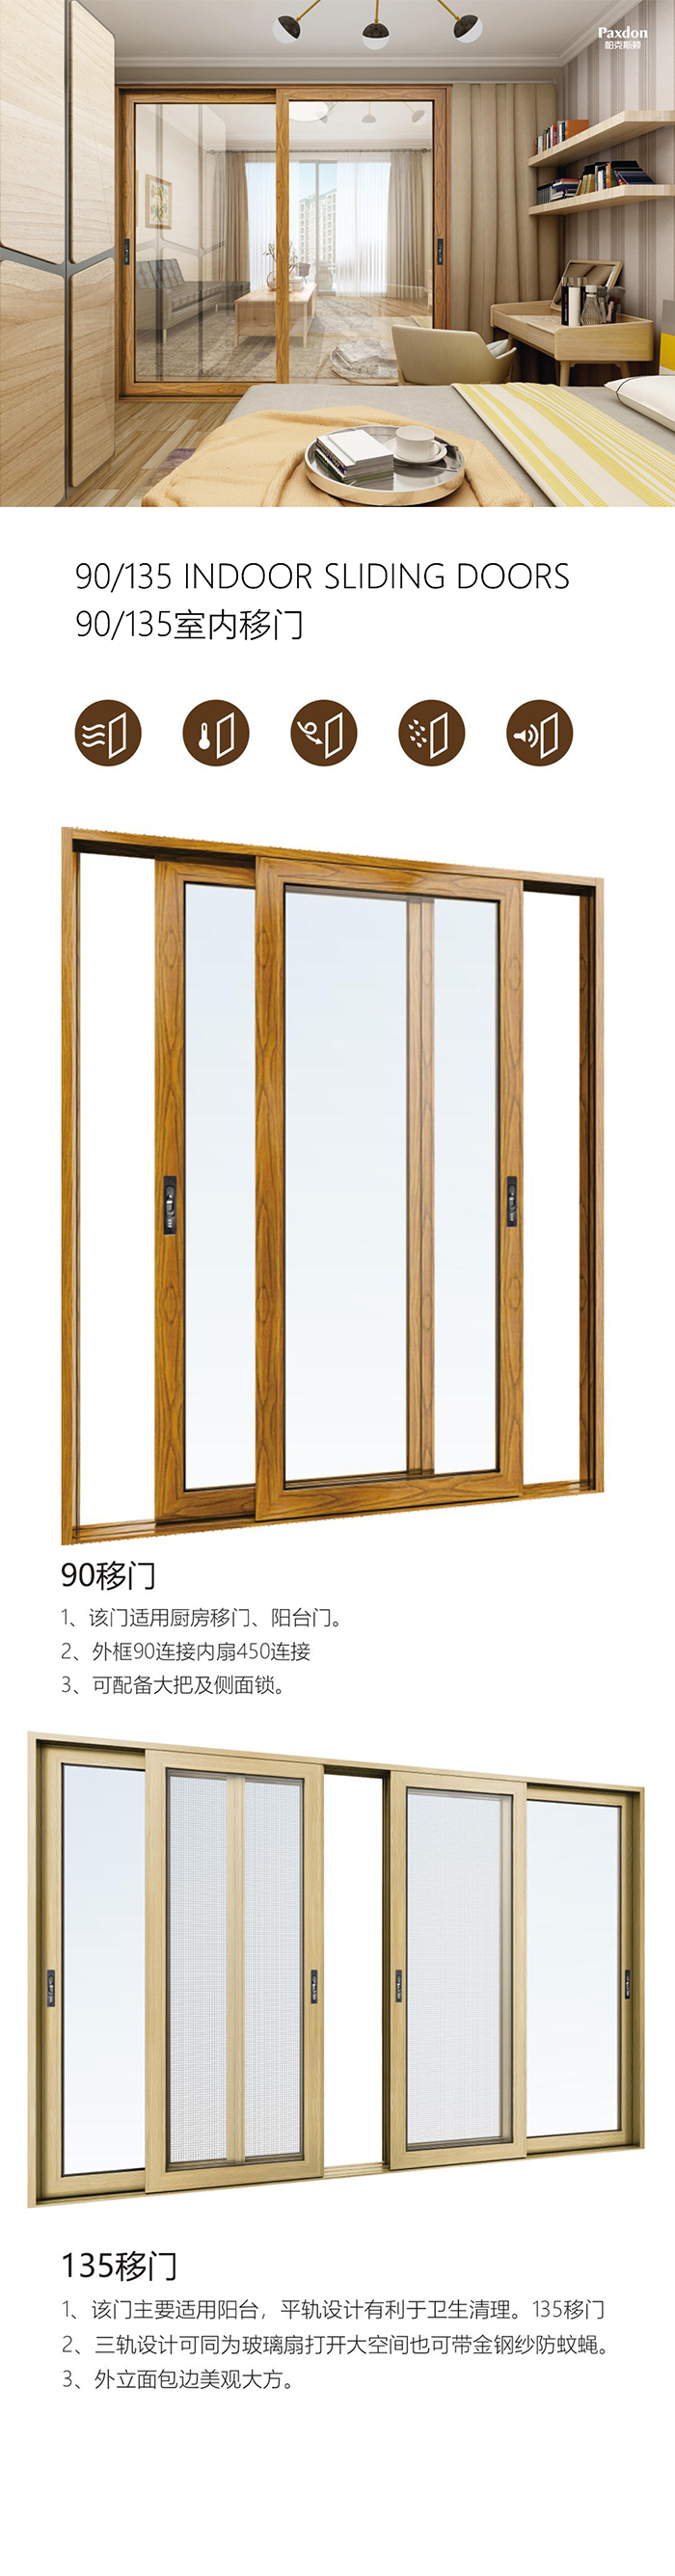 90、135室内移门1.jpg